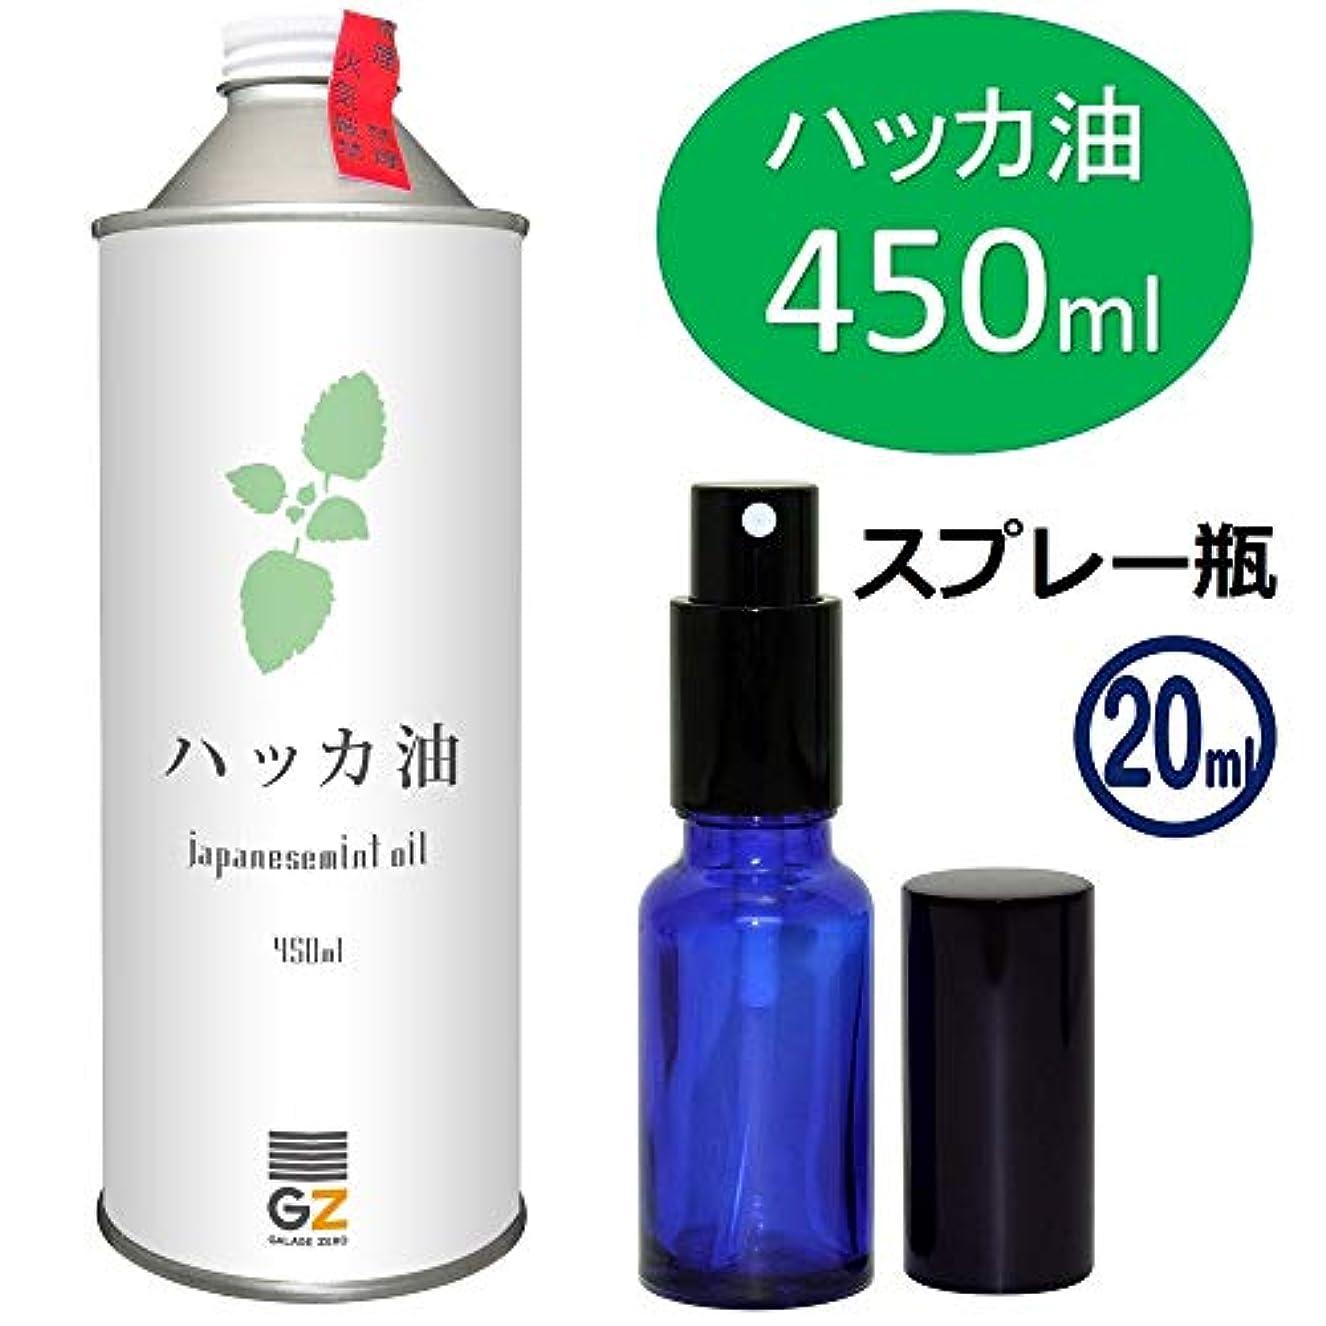 前提フェデレーションスポットガレージ?ゼロ ハッカ油 450ml(GZAK13)+ガラス瓶 スプレーボトル20ml/和種薄荷/ジャパニーズミント GSE534